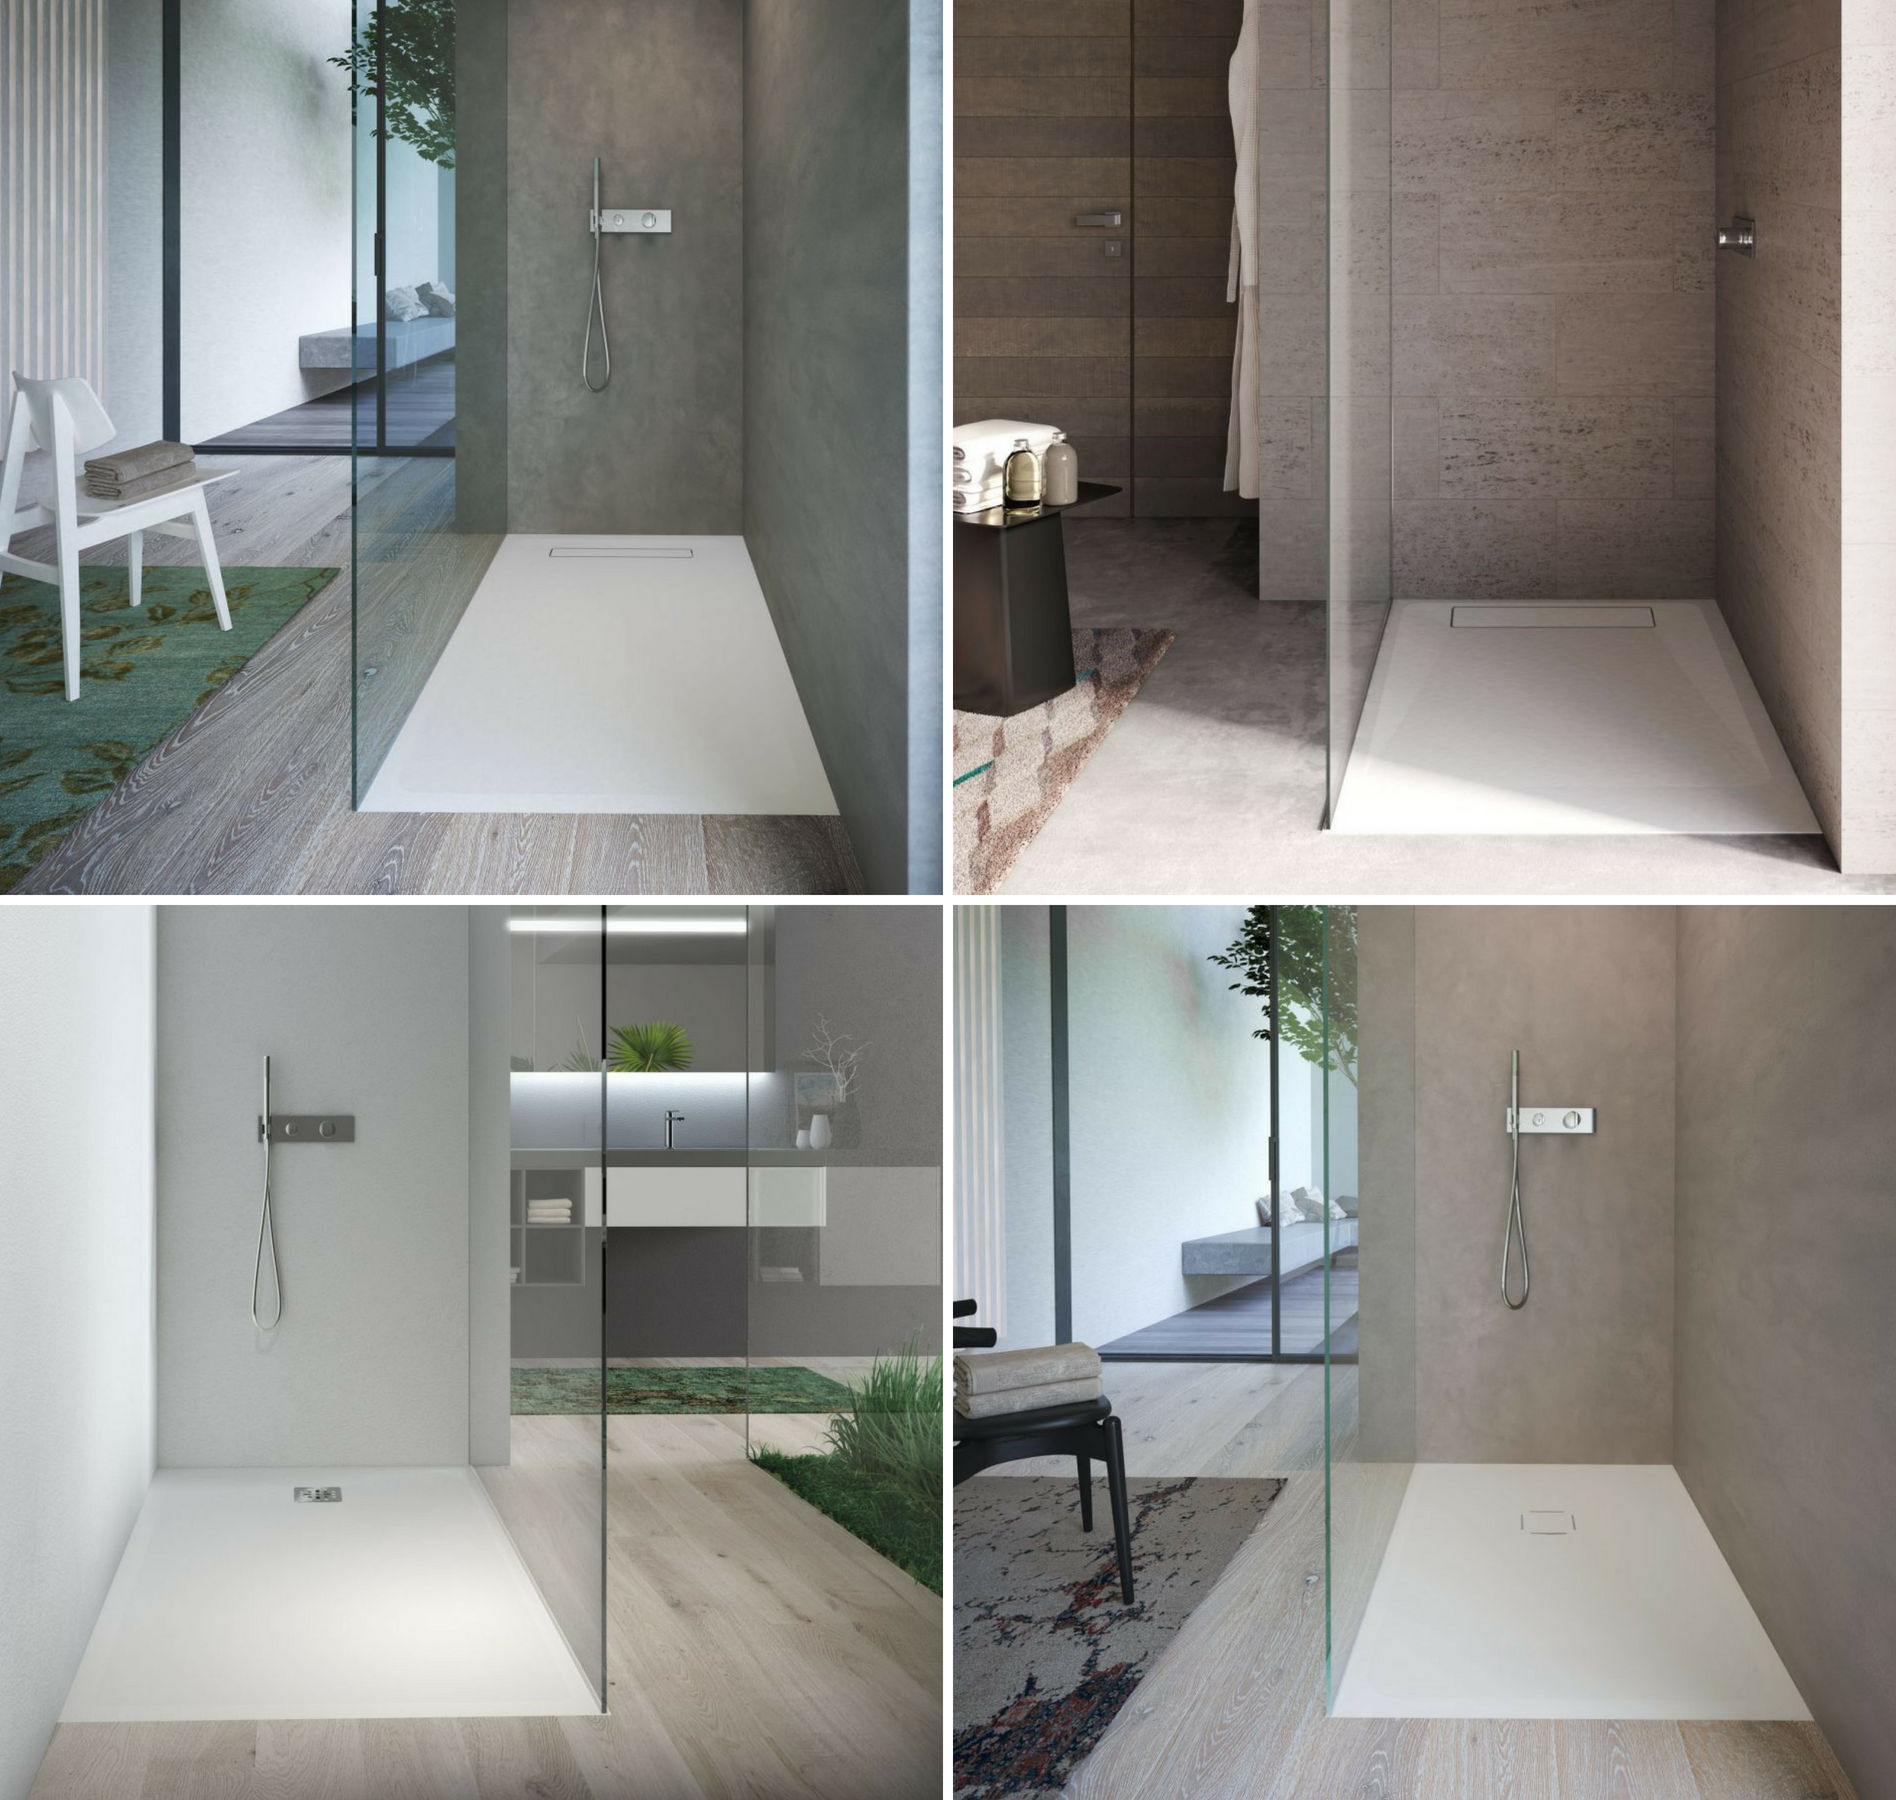 Piatti doccia e vasche da bagno le novit 2018 disenia ideagroup blog - Come lucidare una vasca da bagno opaca ...